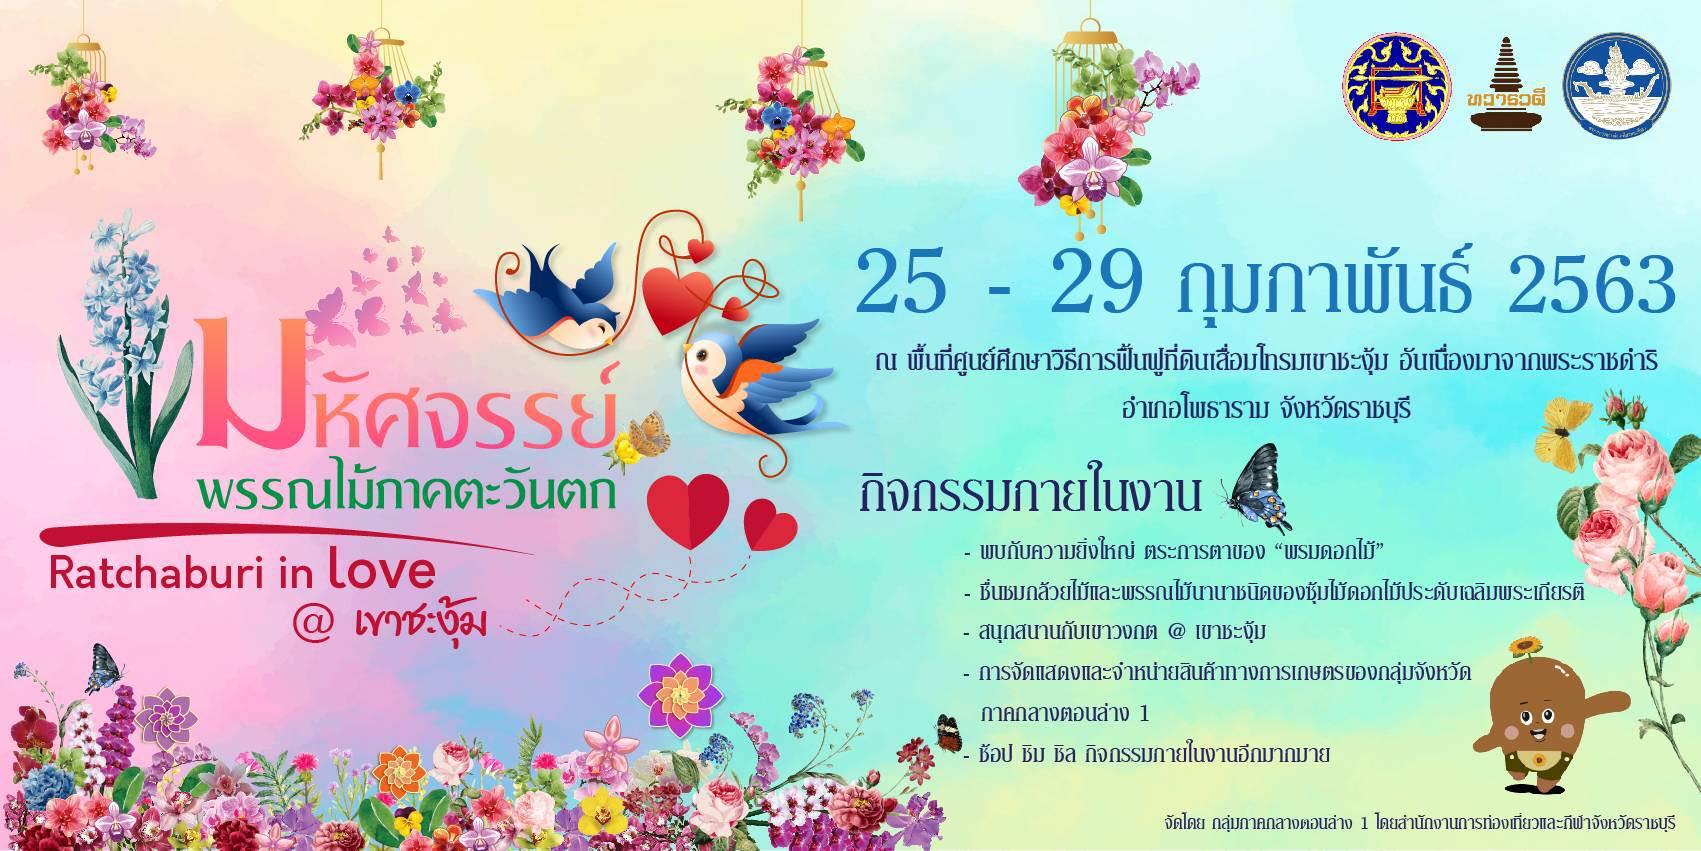 งานมหัศจรรย์พรรณไม้ภาคตะวันตก : Ratchaburi in love @ เขาชะงุ้ม 25-29 กุมภาพันธ์ 2563 จังหวัดราชบุรี